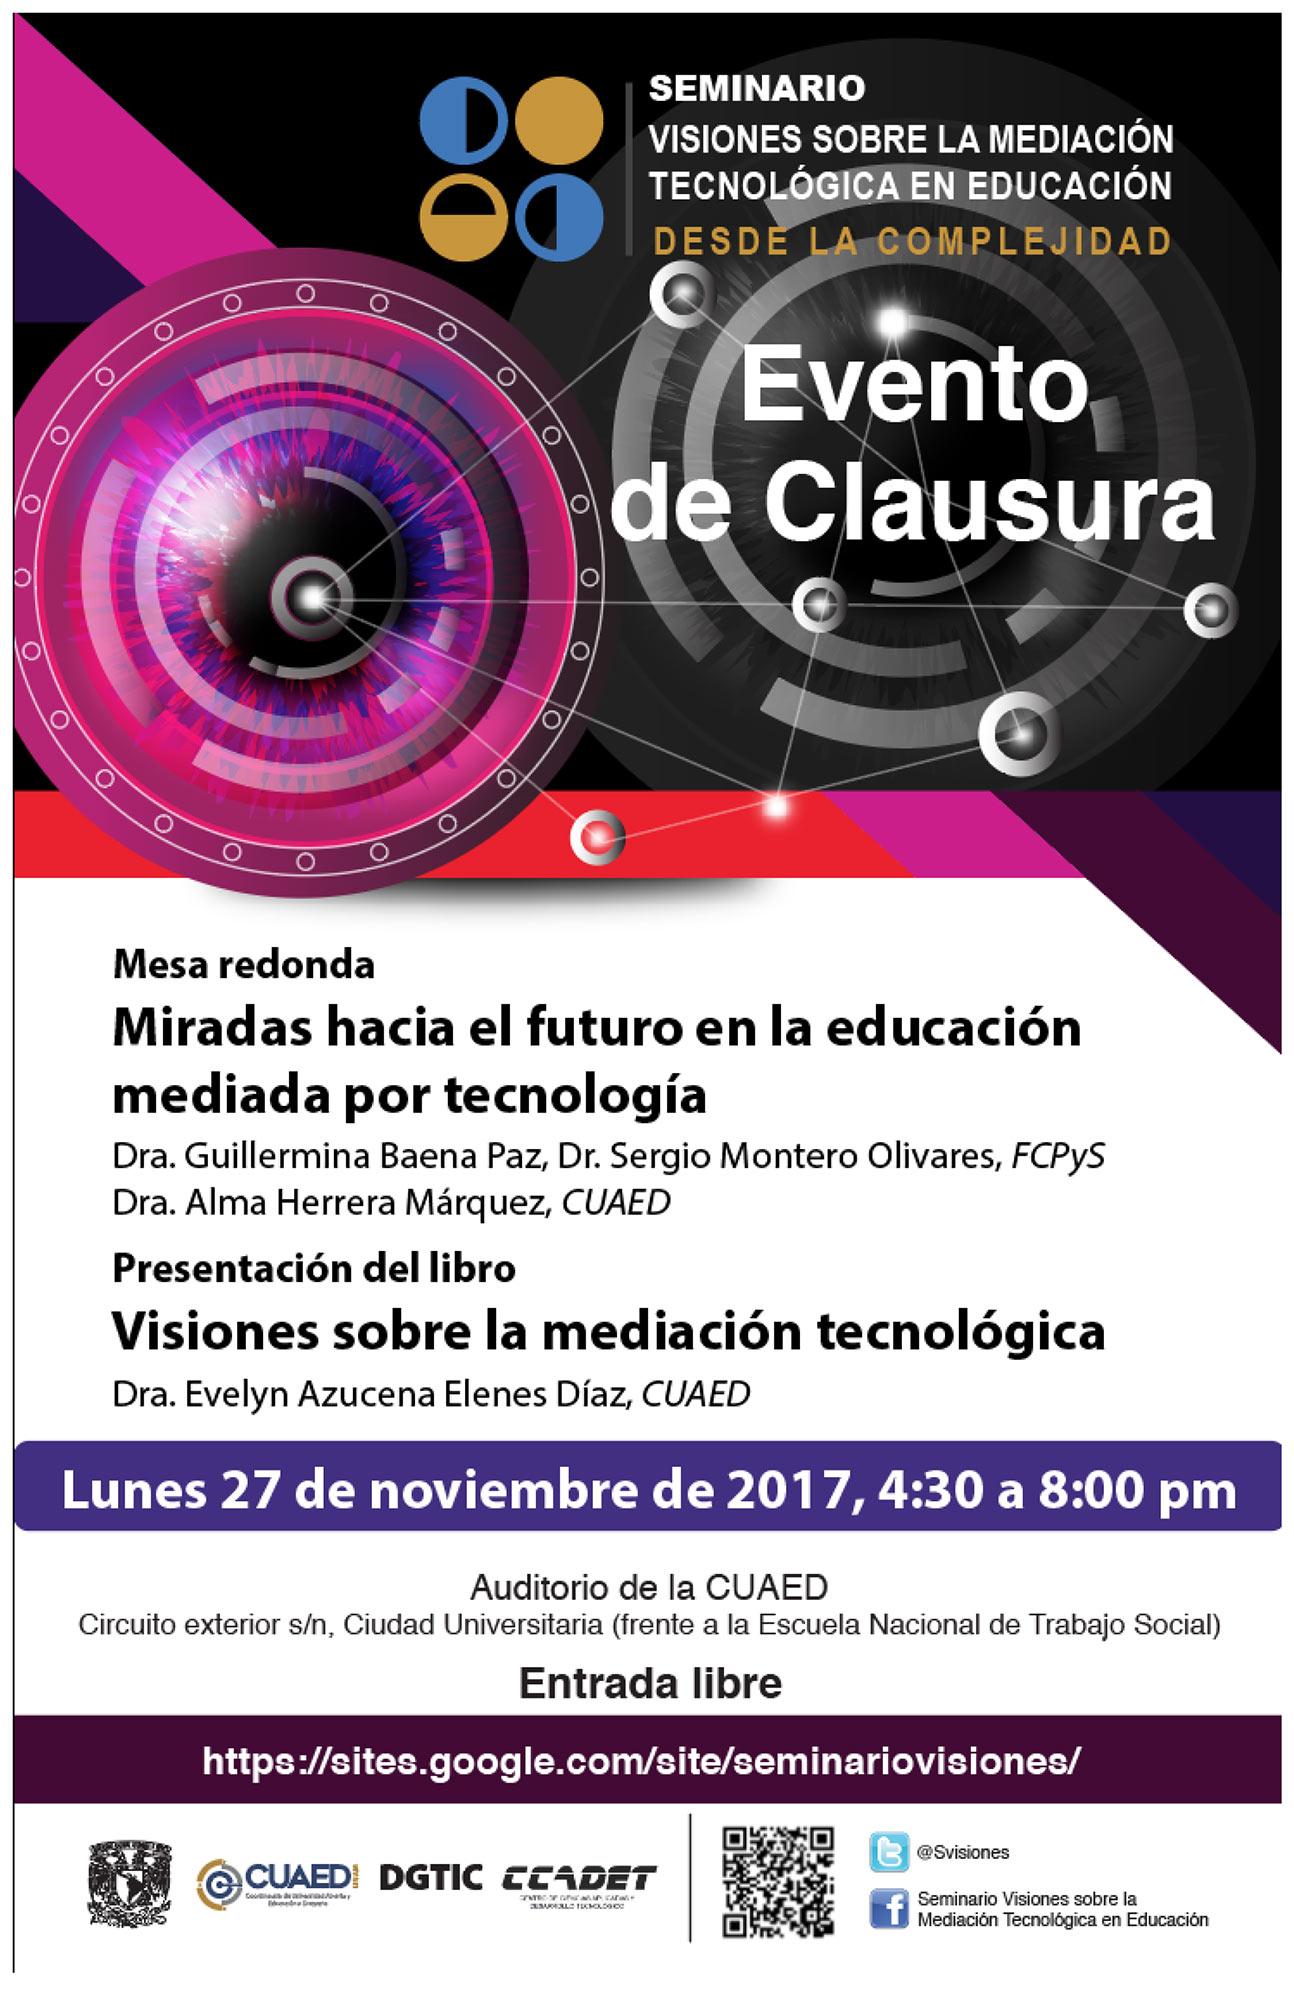 Mesa Redonda, Miradas hacia el futuro en la educación mediada por tecnología